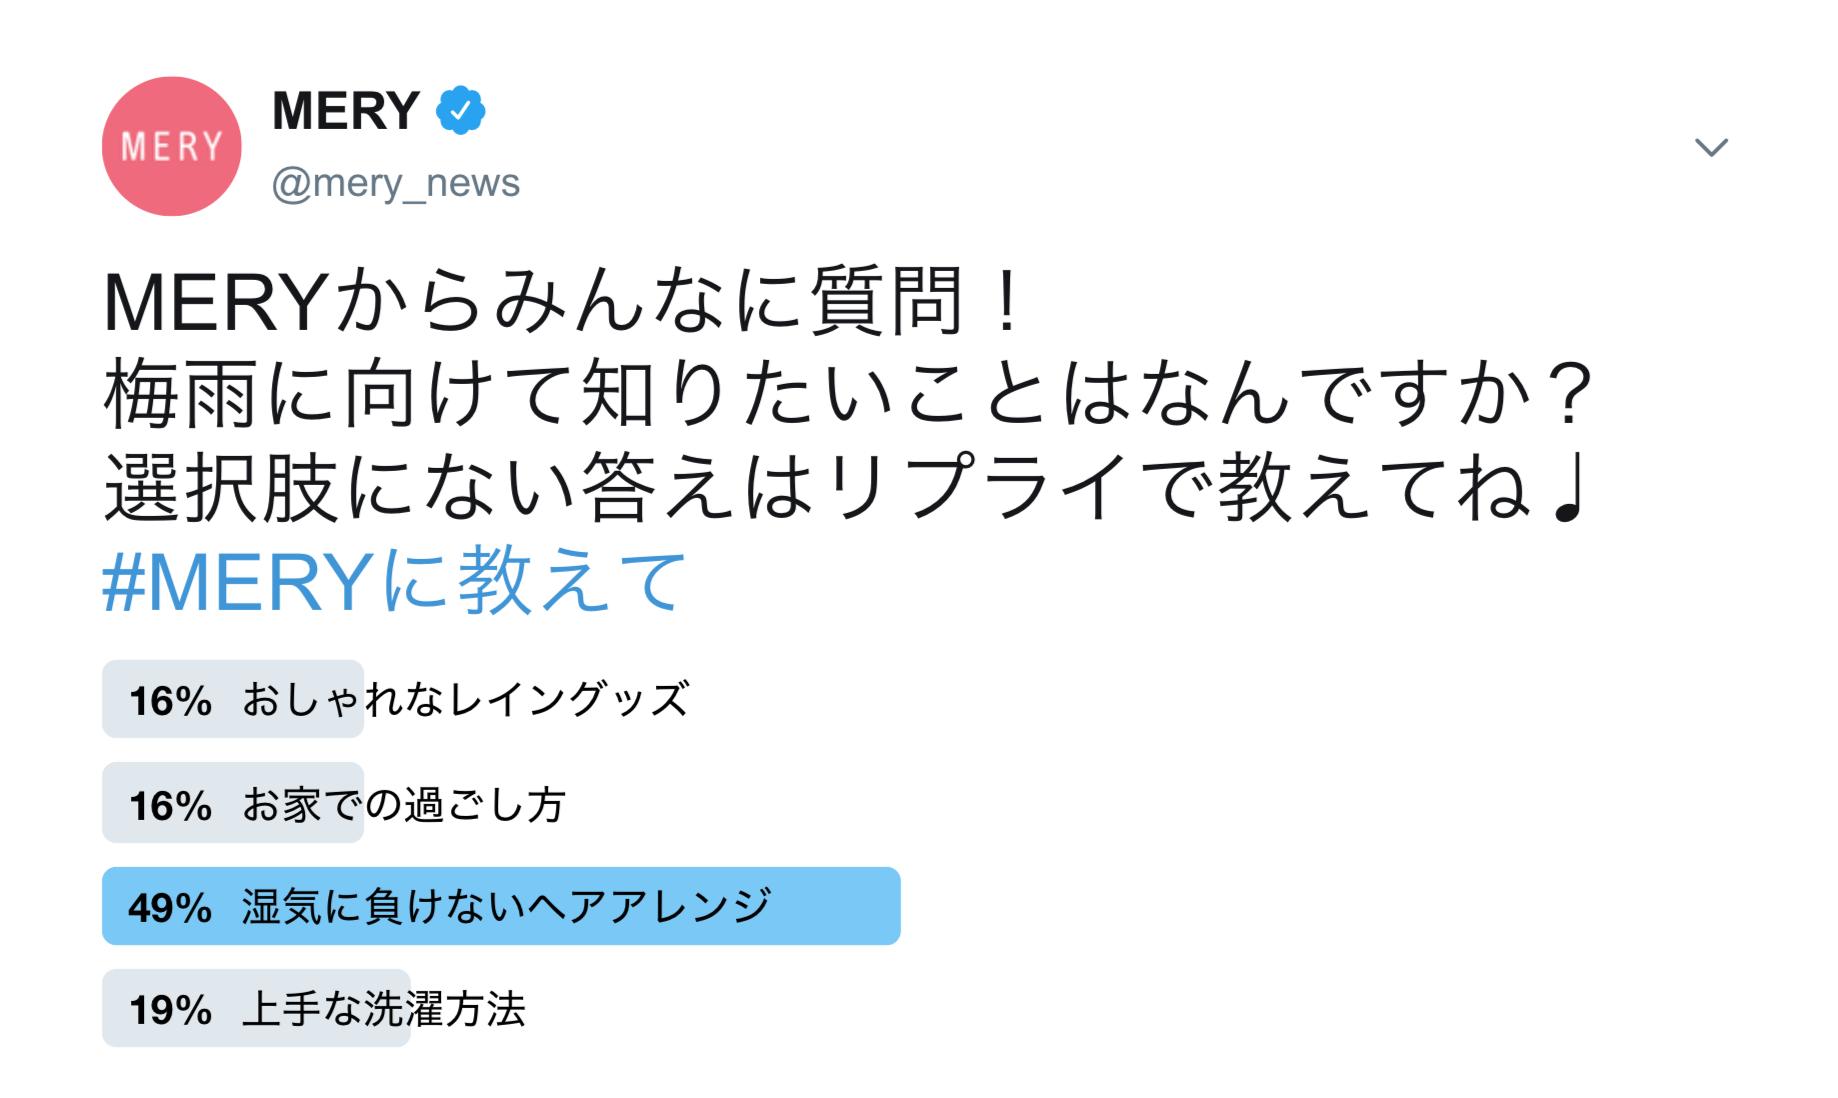 Twitterで質問しました!